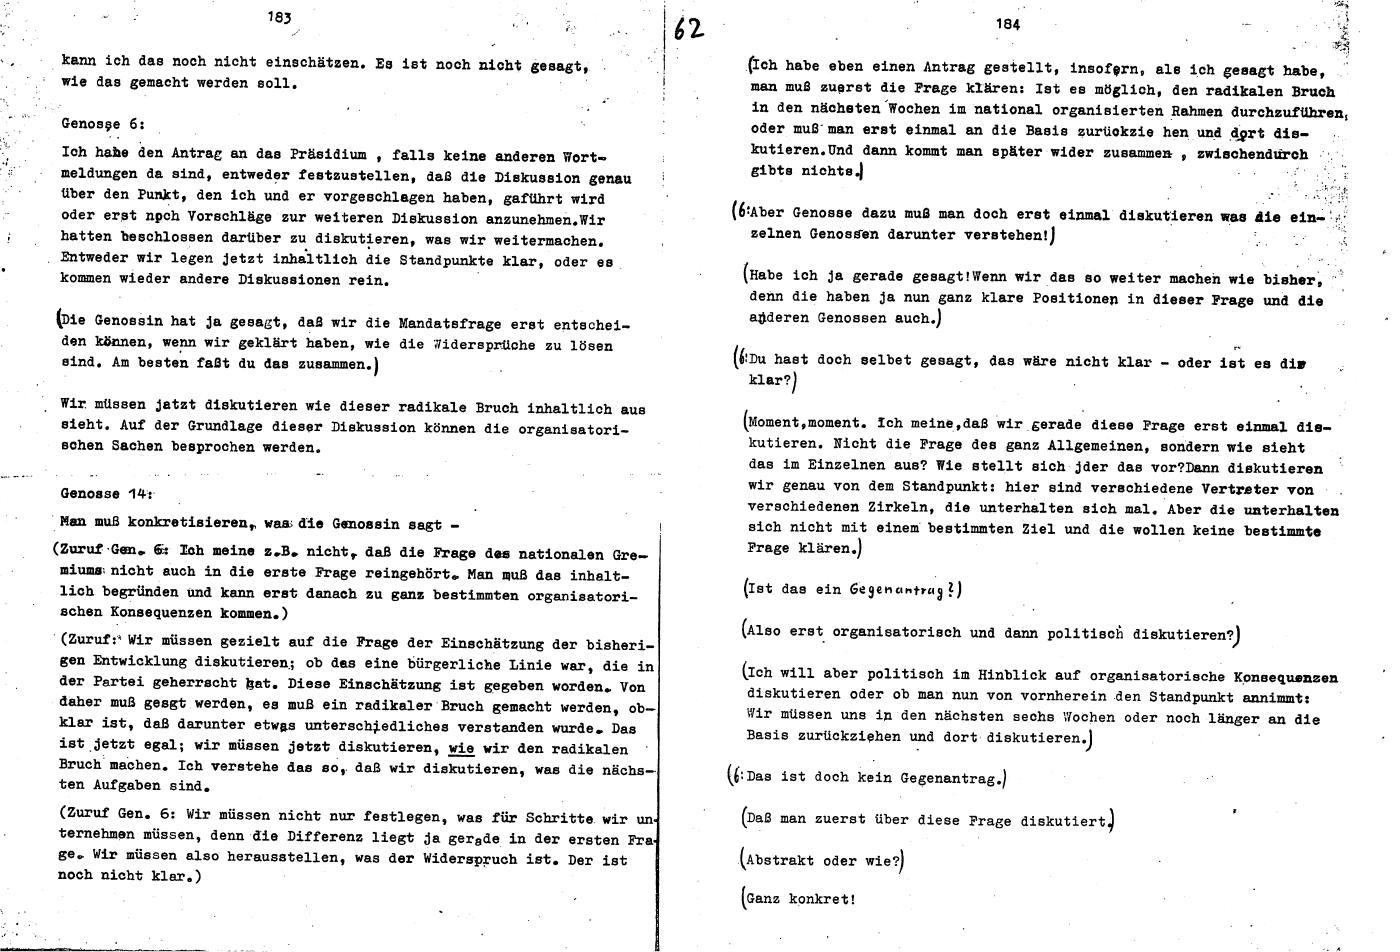 KPDML_1971_Wortprotokolle_aoPt_096